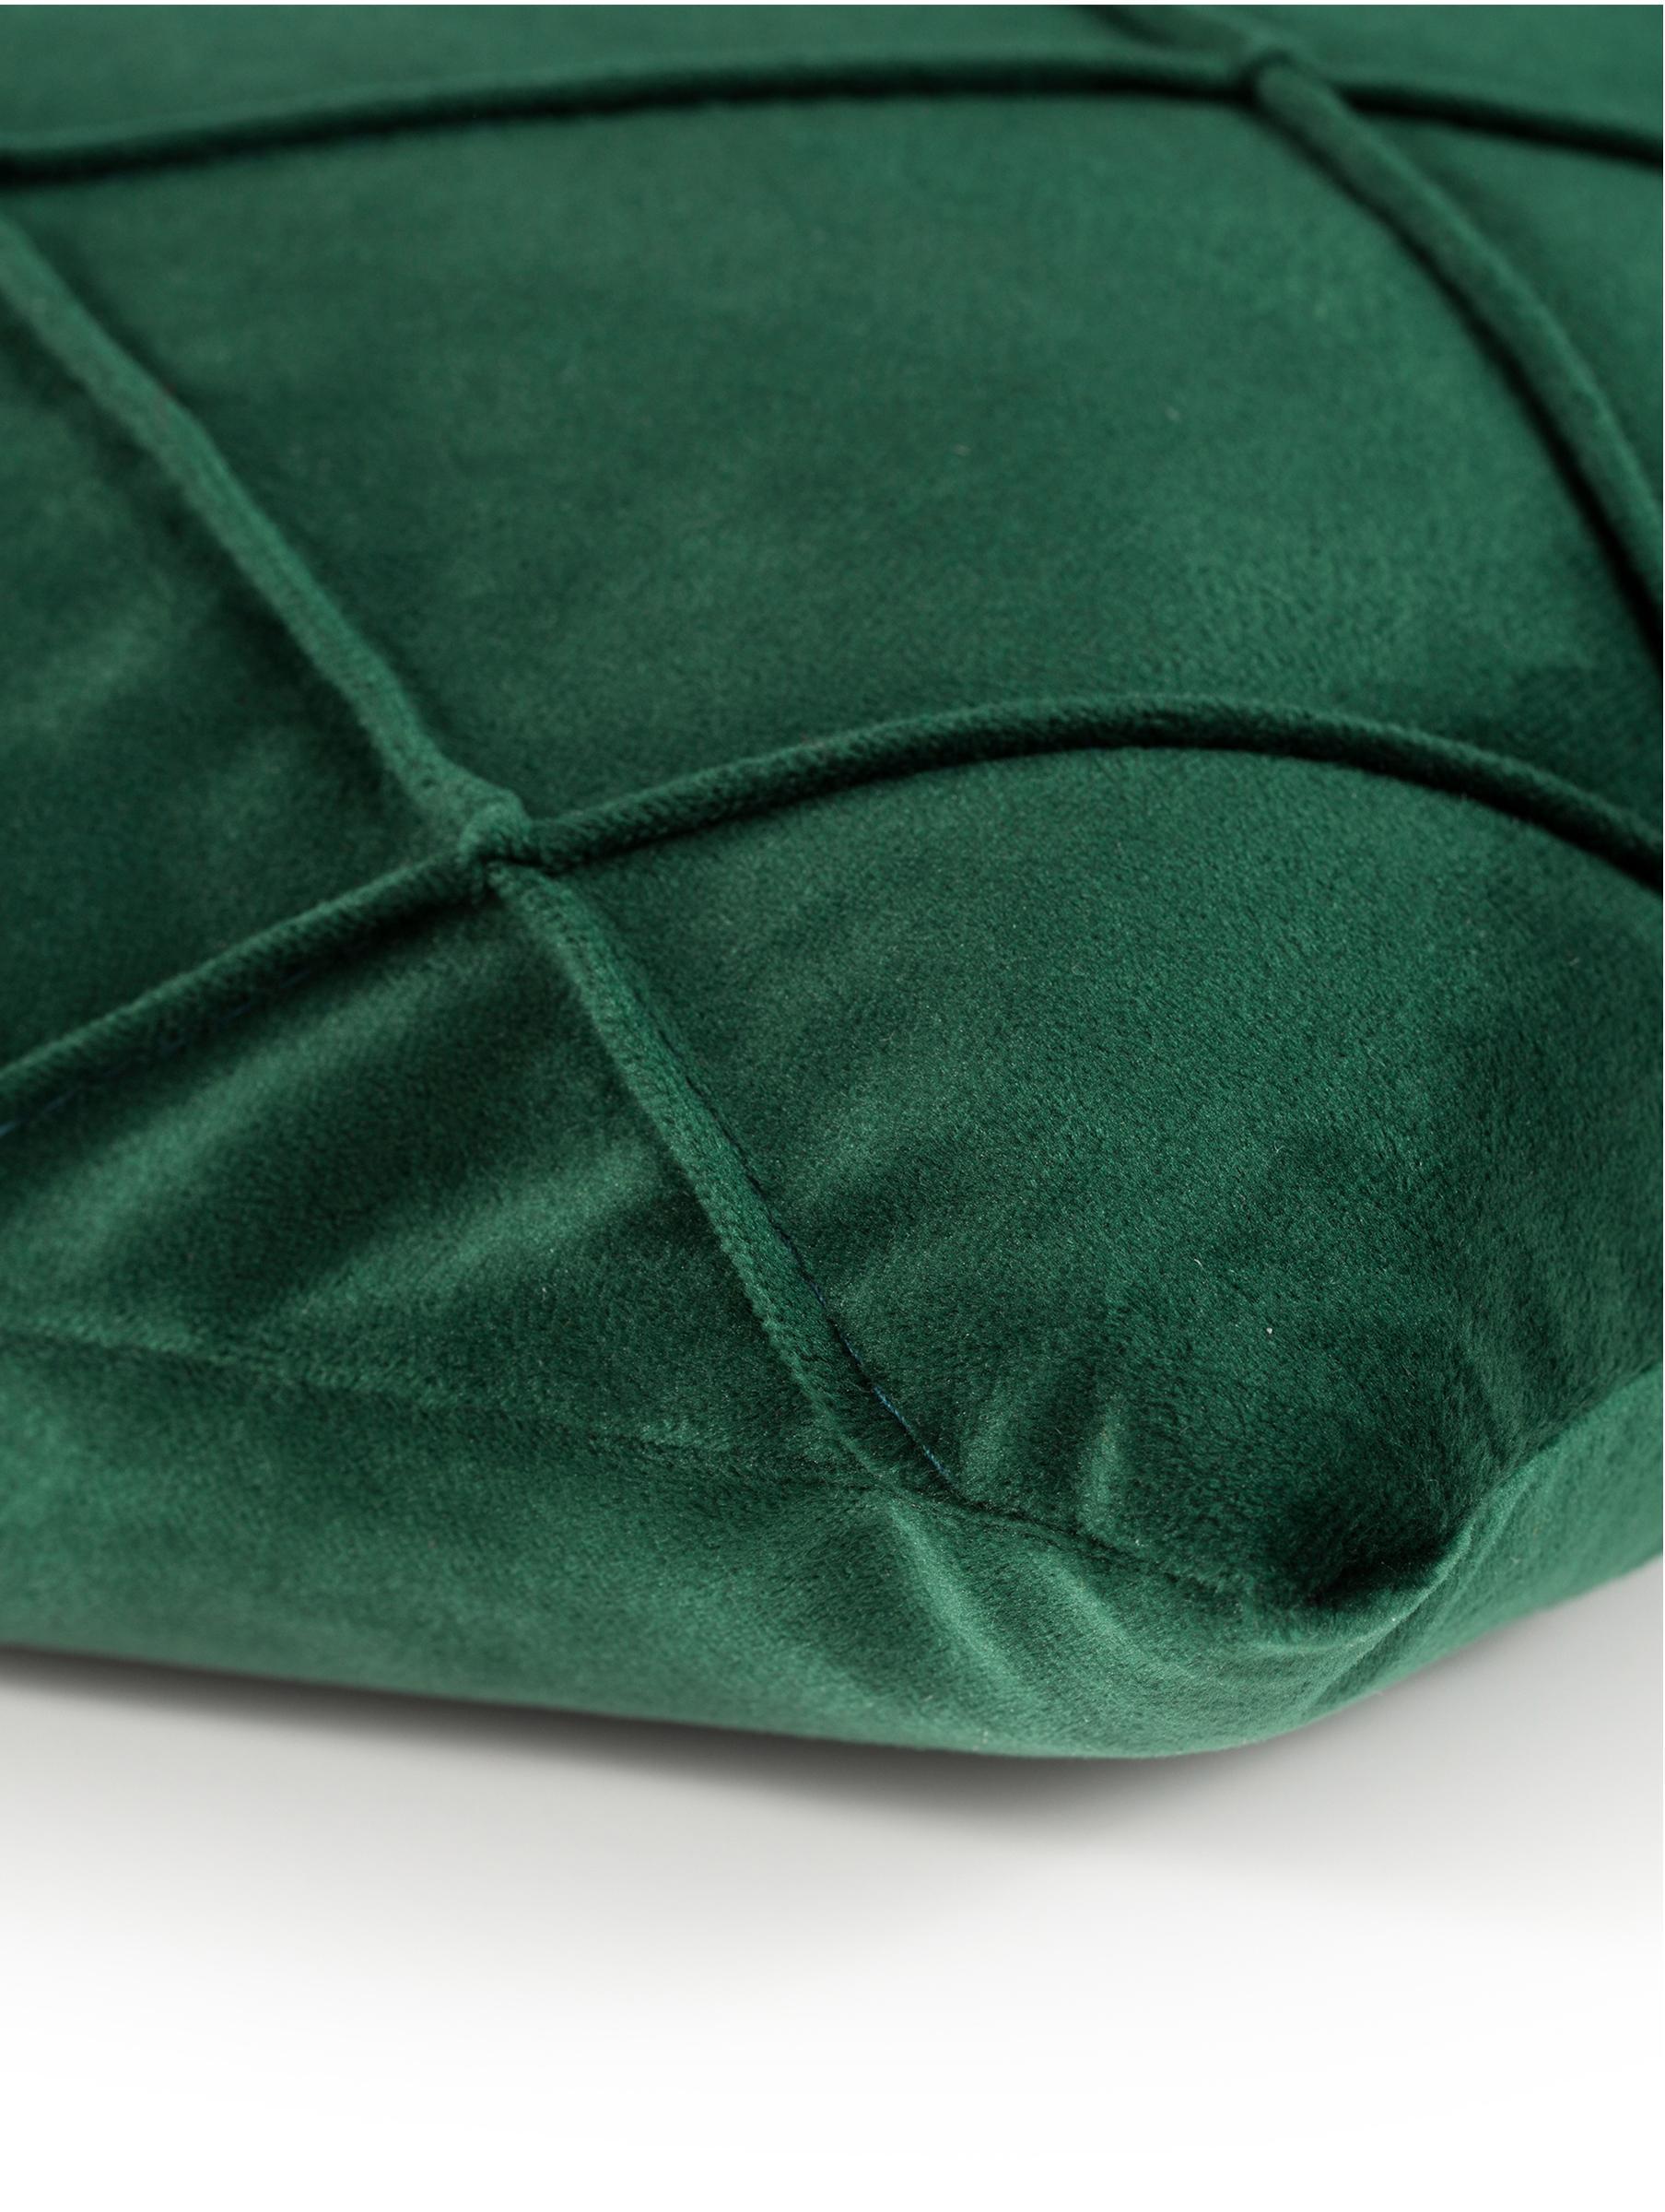 Funda de cojín de terciopelo Nobless, Terciopelo de poliéster, Verde, An 50 x L 50 cm